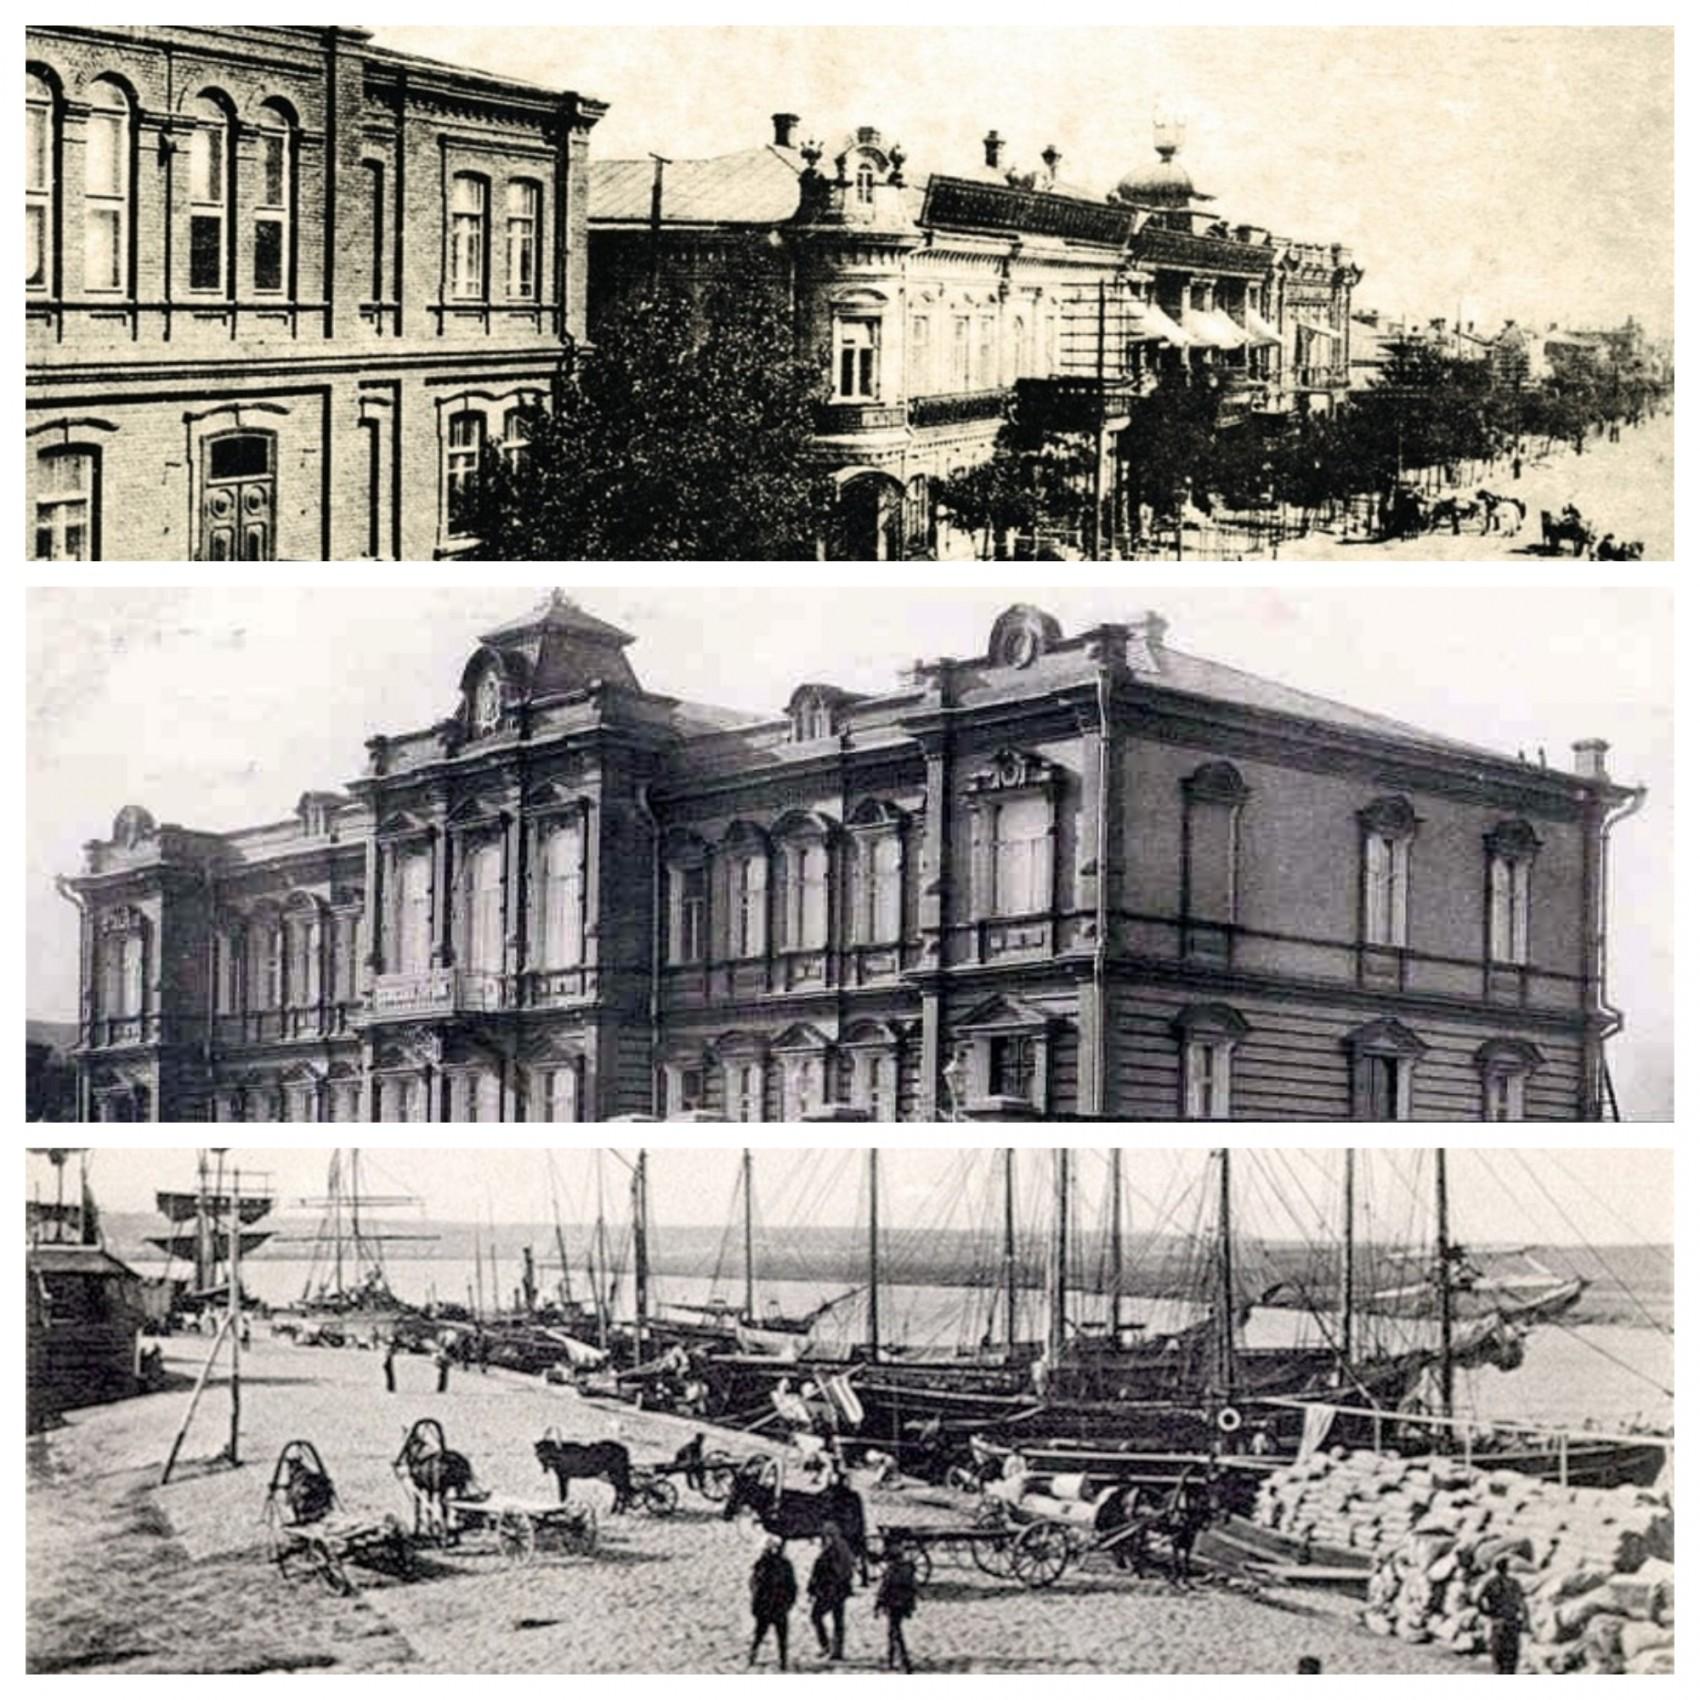 В якому з цих міст у листопаді 1917 року раніше підняли синьо-жовтий прапор?